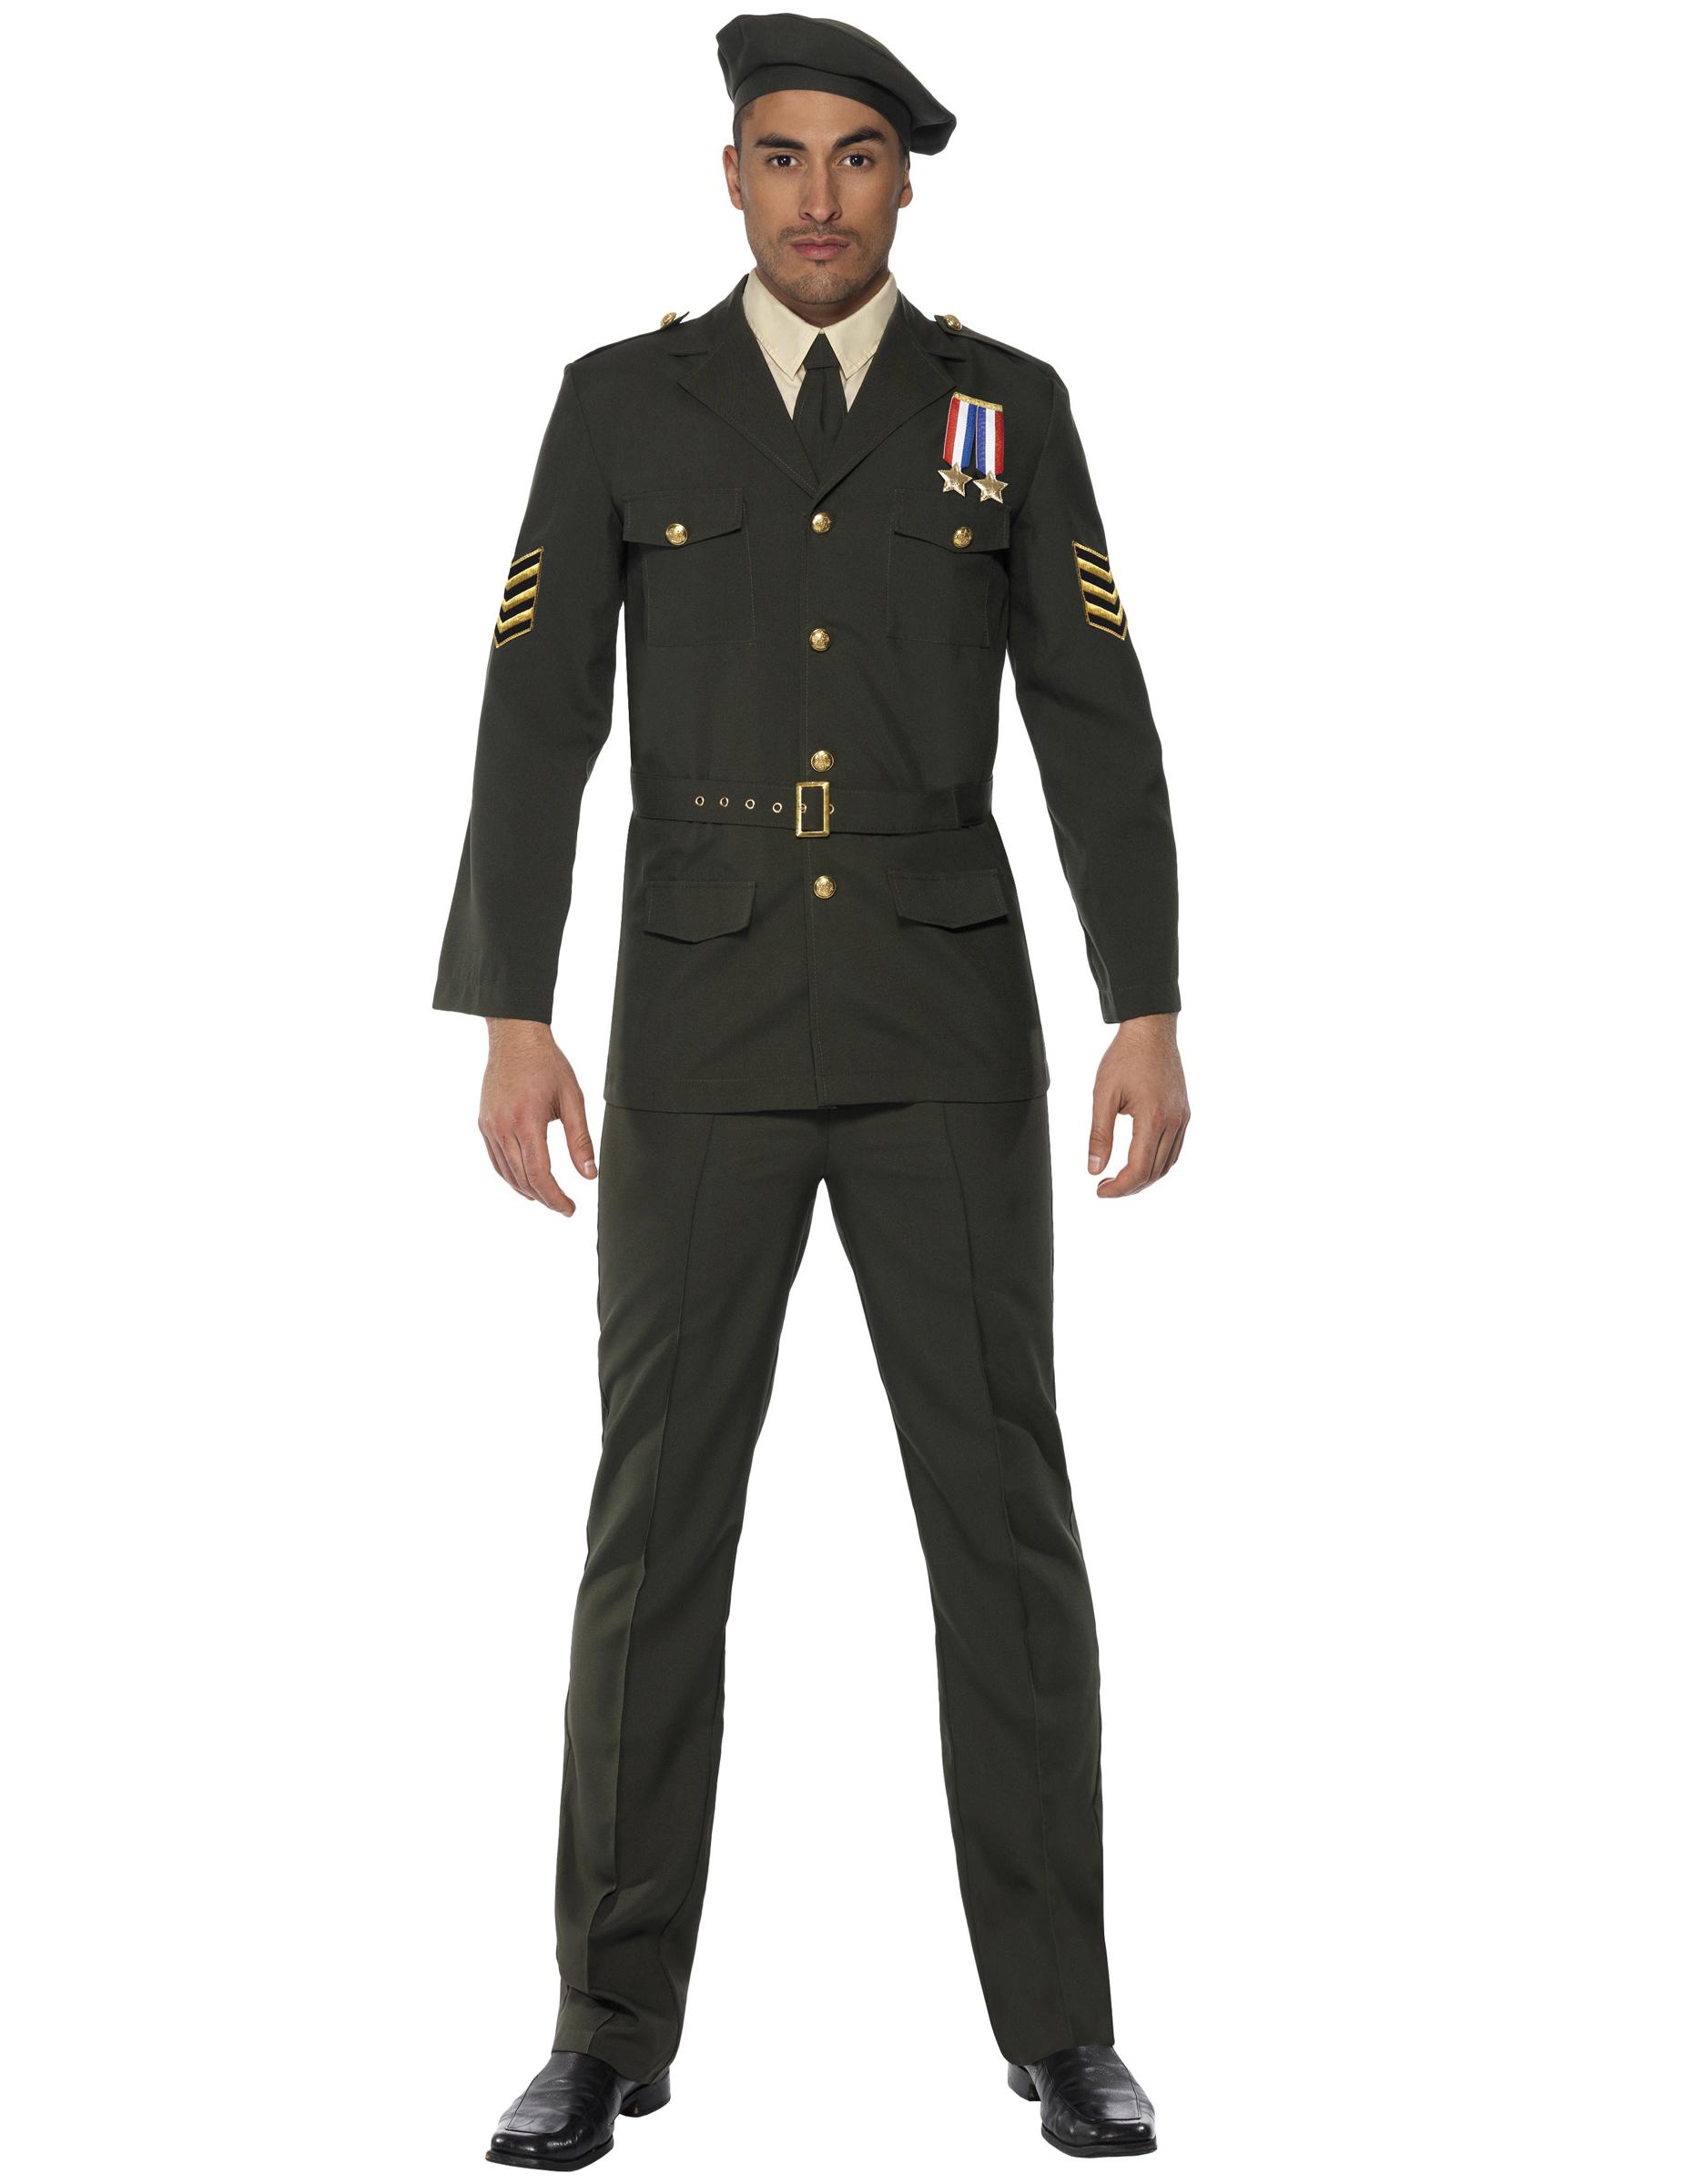 Militär Offiziers-Kostüm für Herren - M 40187